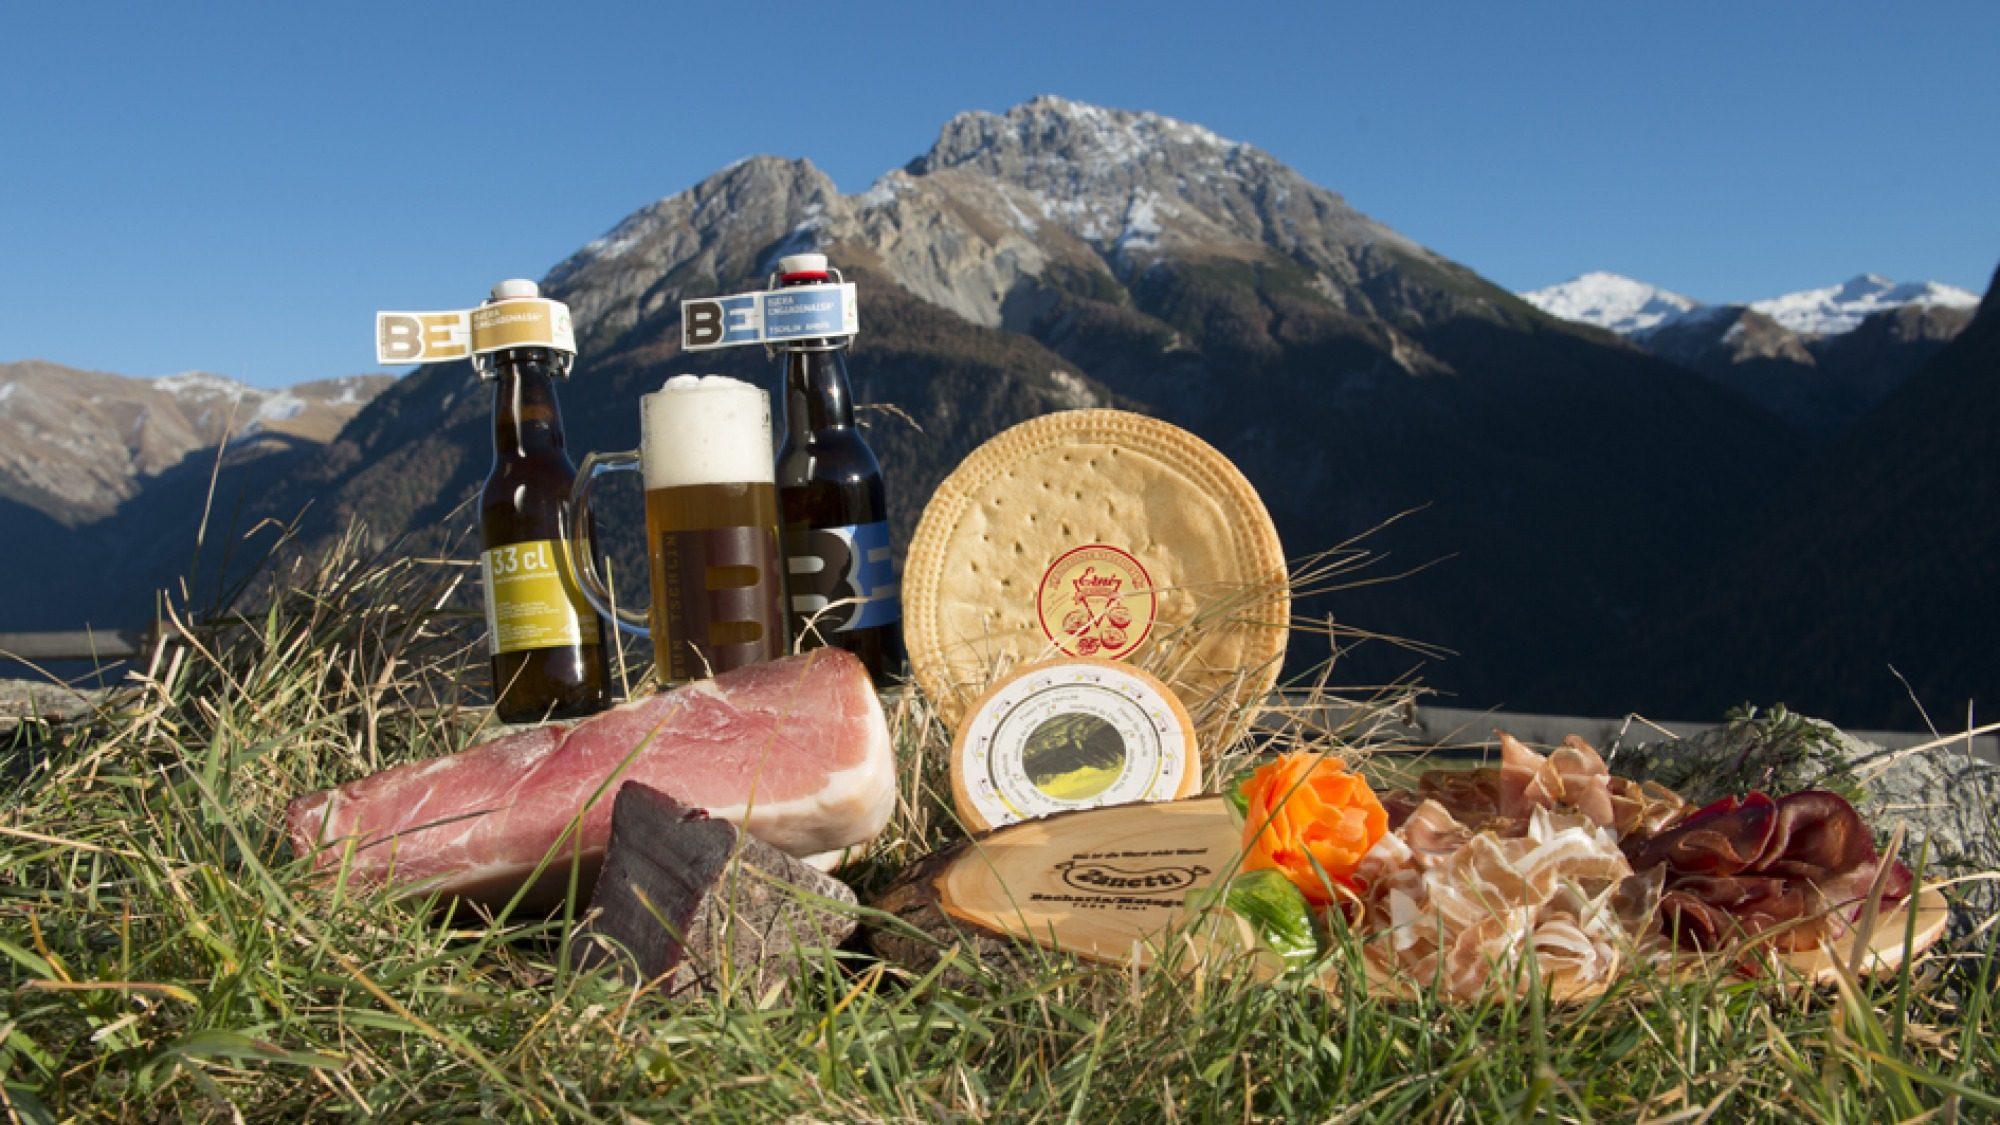 Geniessen Sie regionale Produkte im Hotel Bellavist Ftan